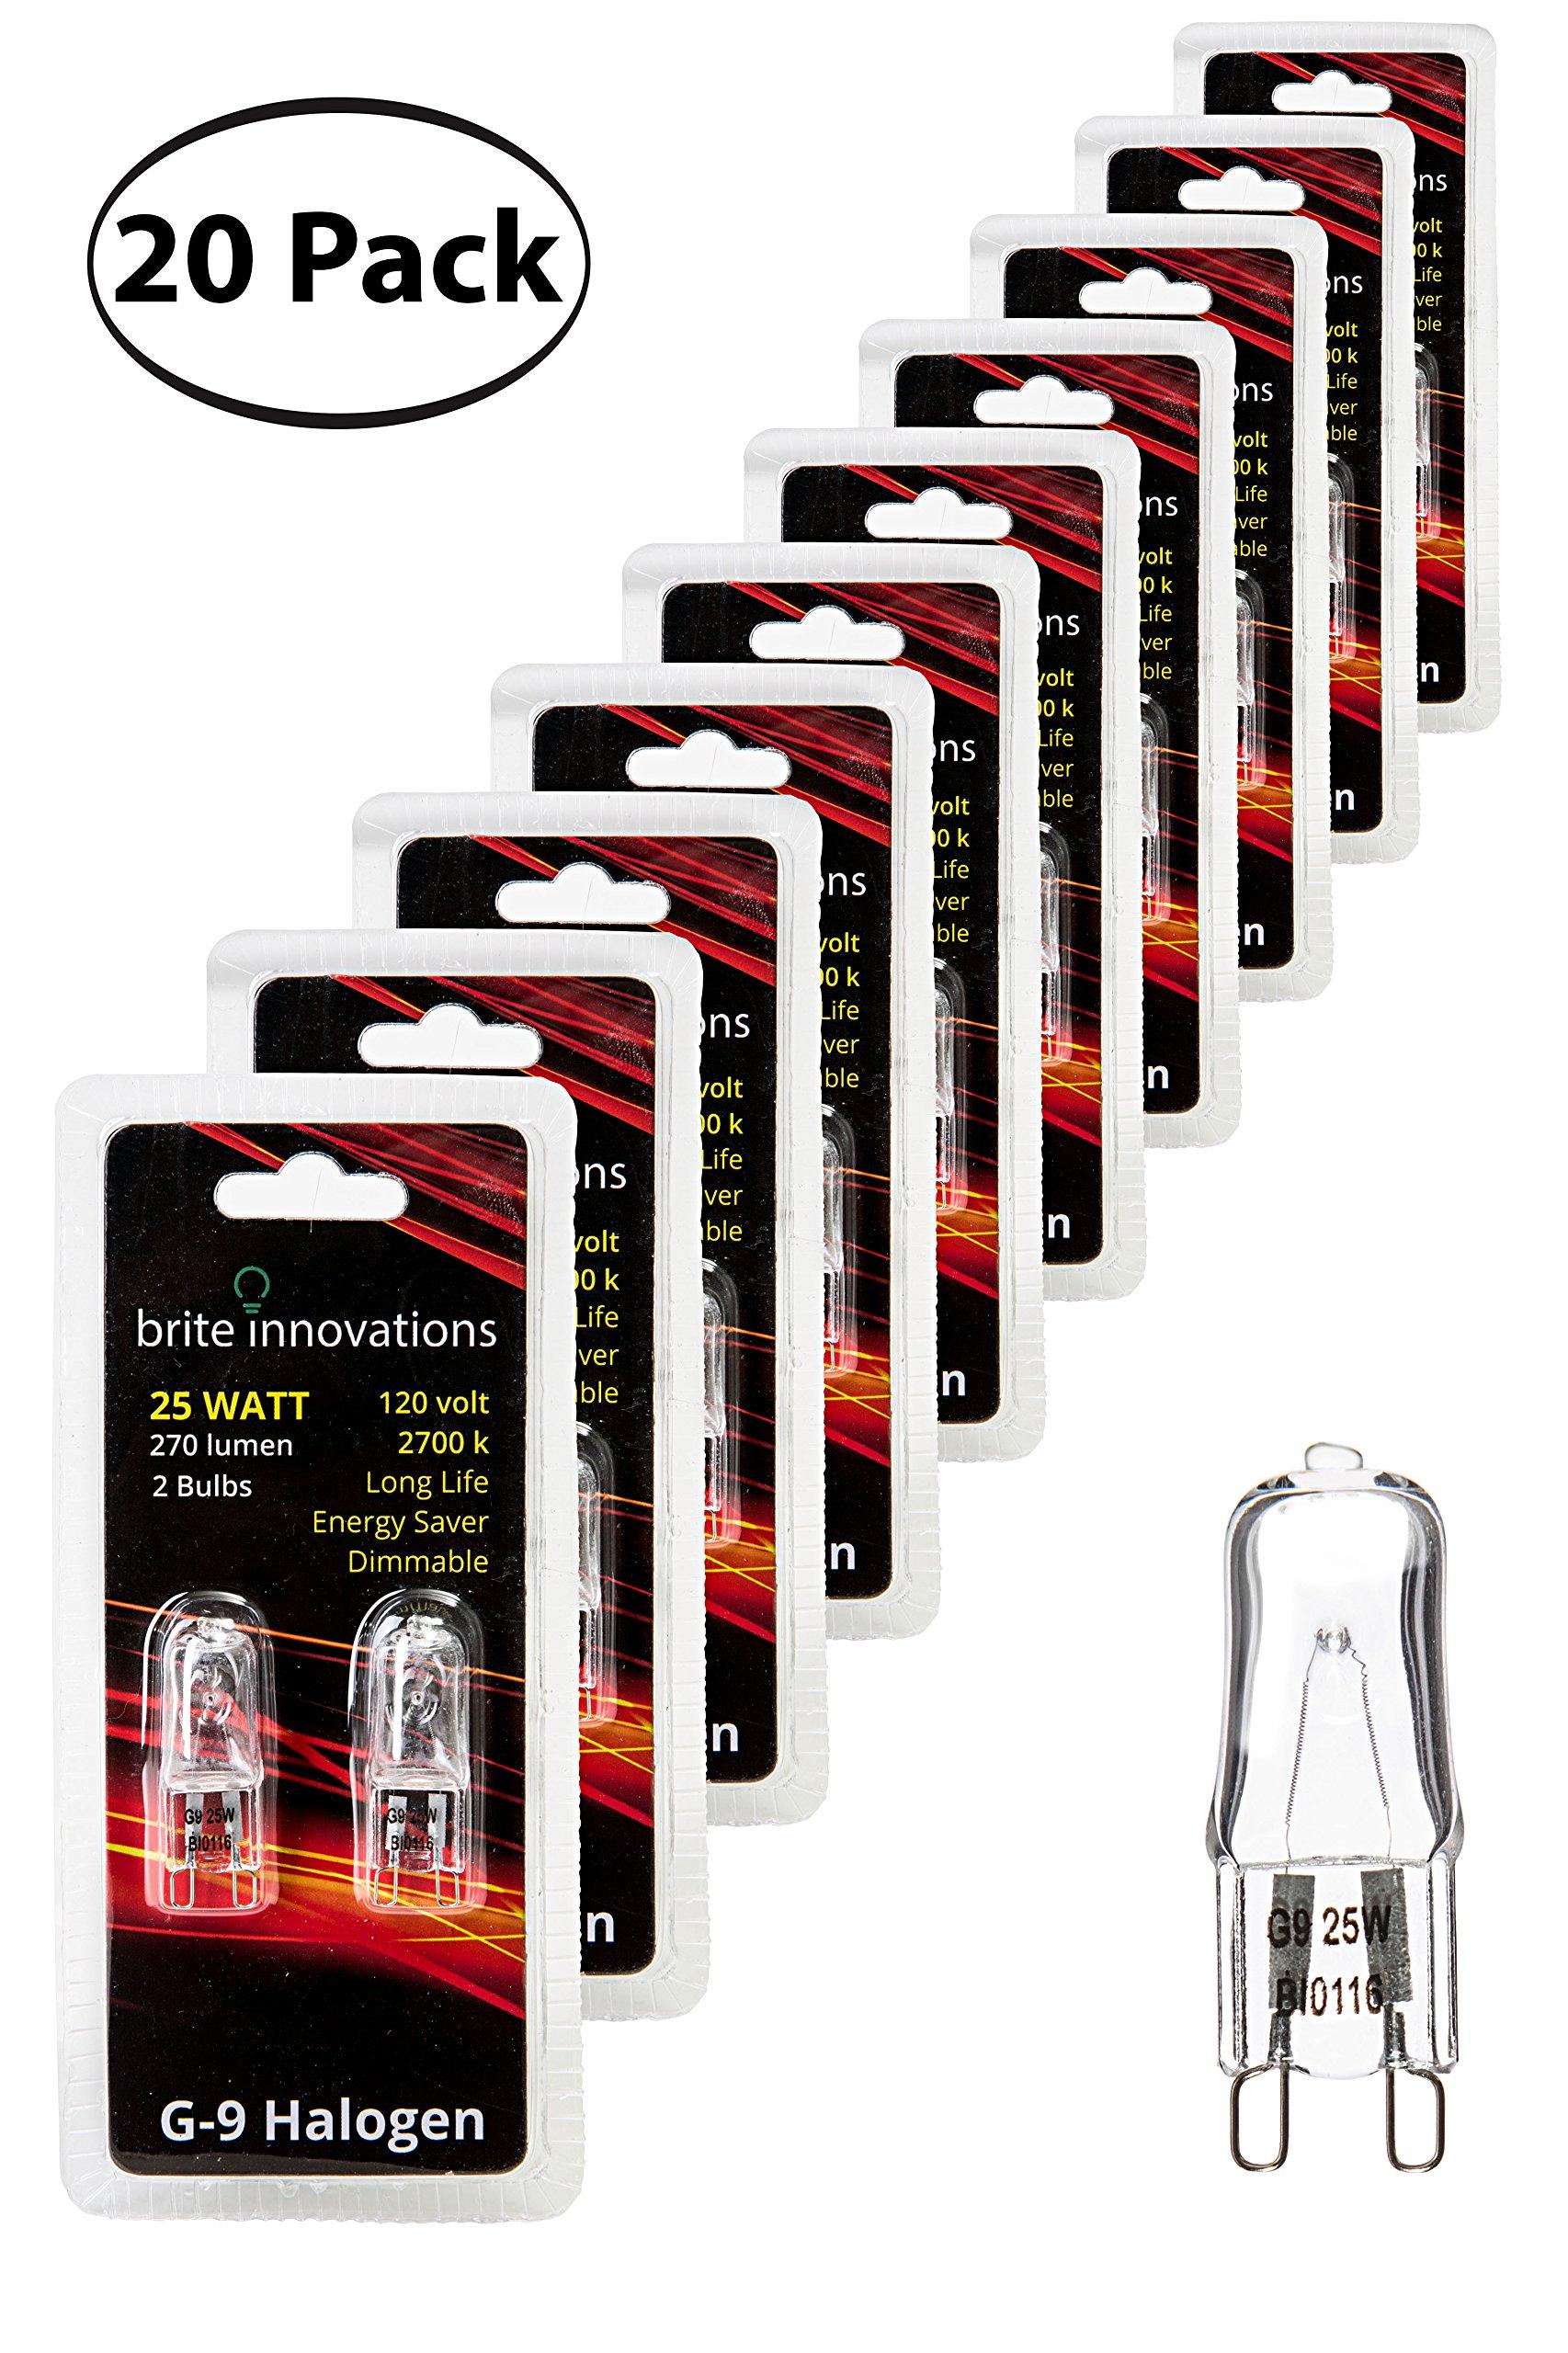 Brite Innovations G9 Halogen Bulb, 25 Watt - 20 Pack - Energy Saving - Dimmable - Soft White 2700K - 120V - Q40, CL, T4 JD Type, Clear Light Bulb